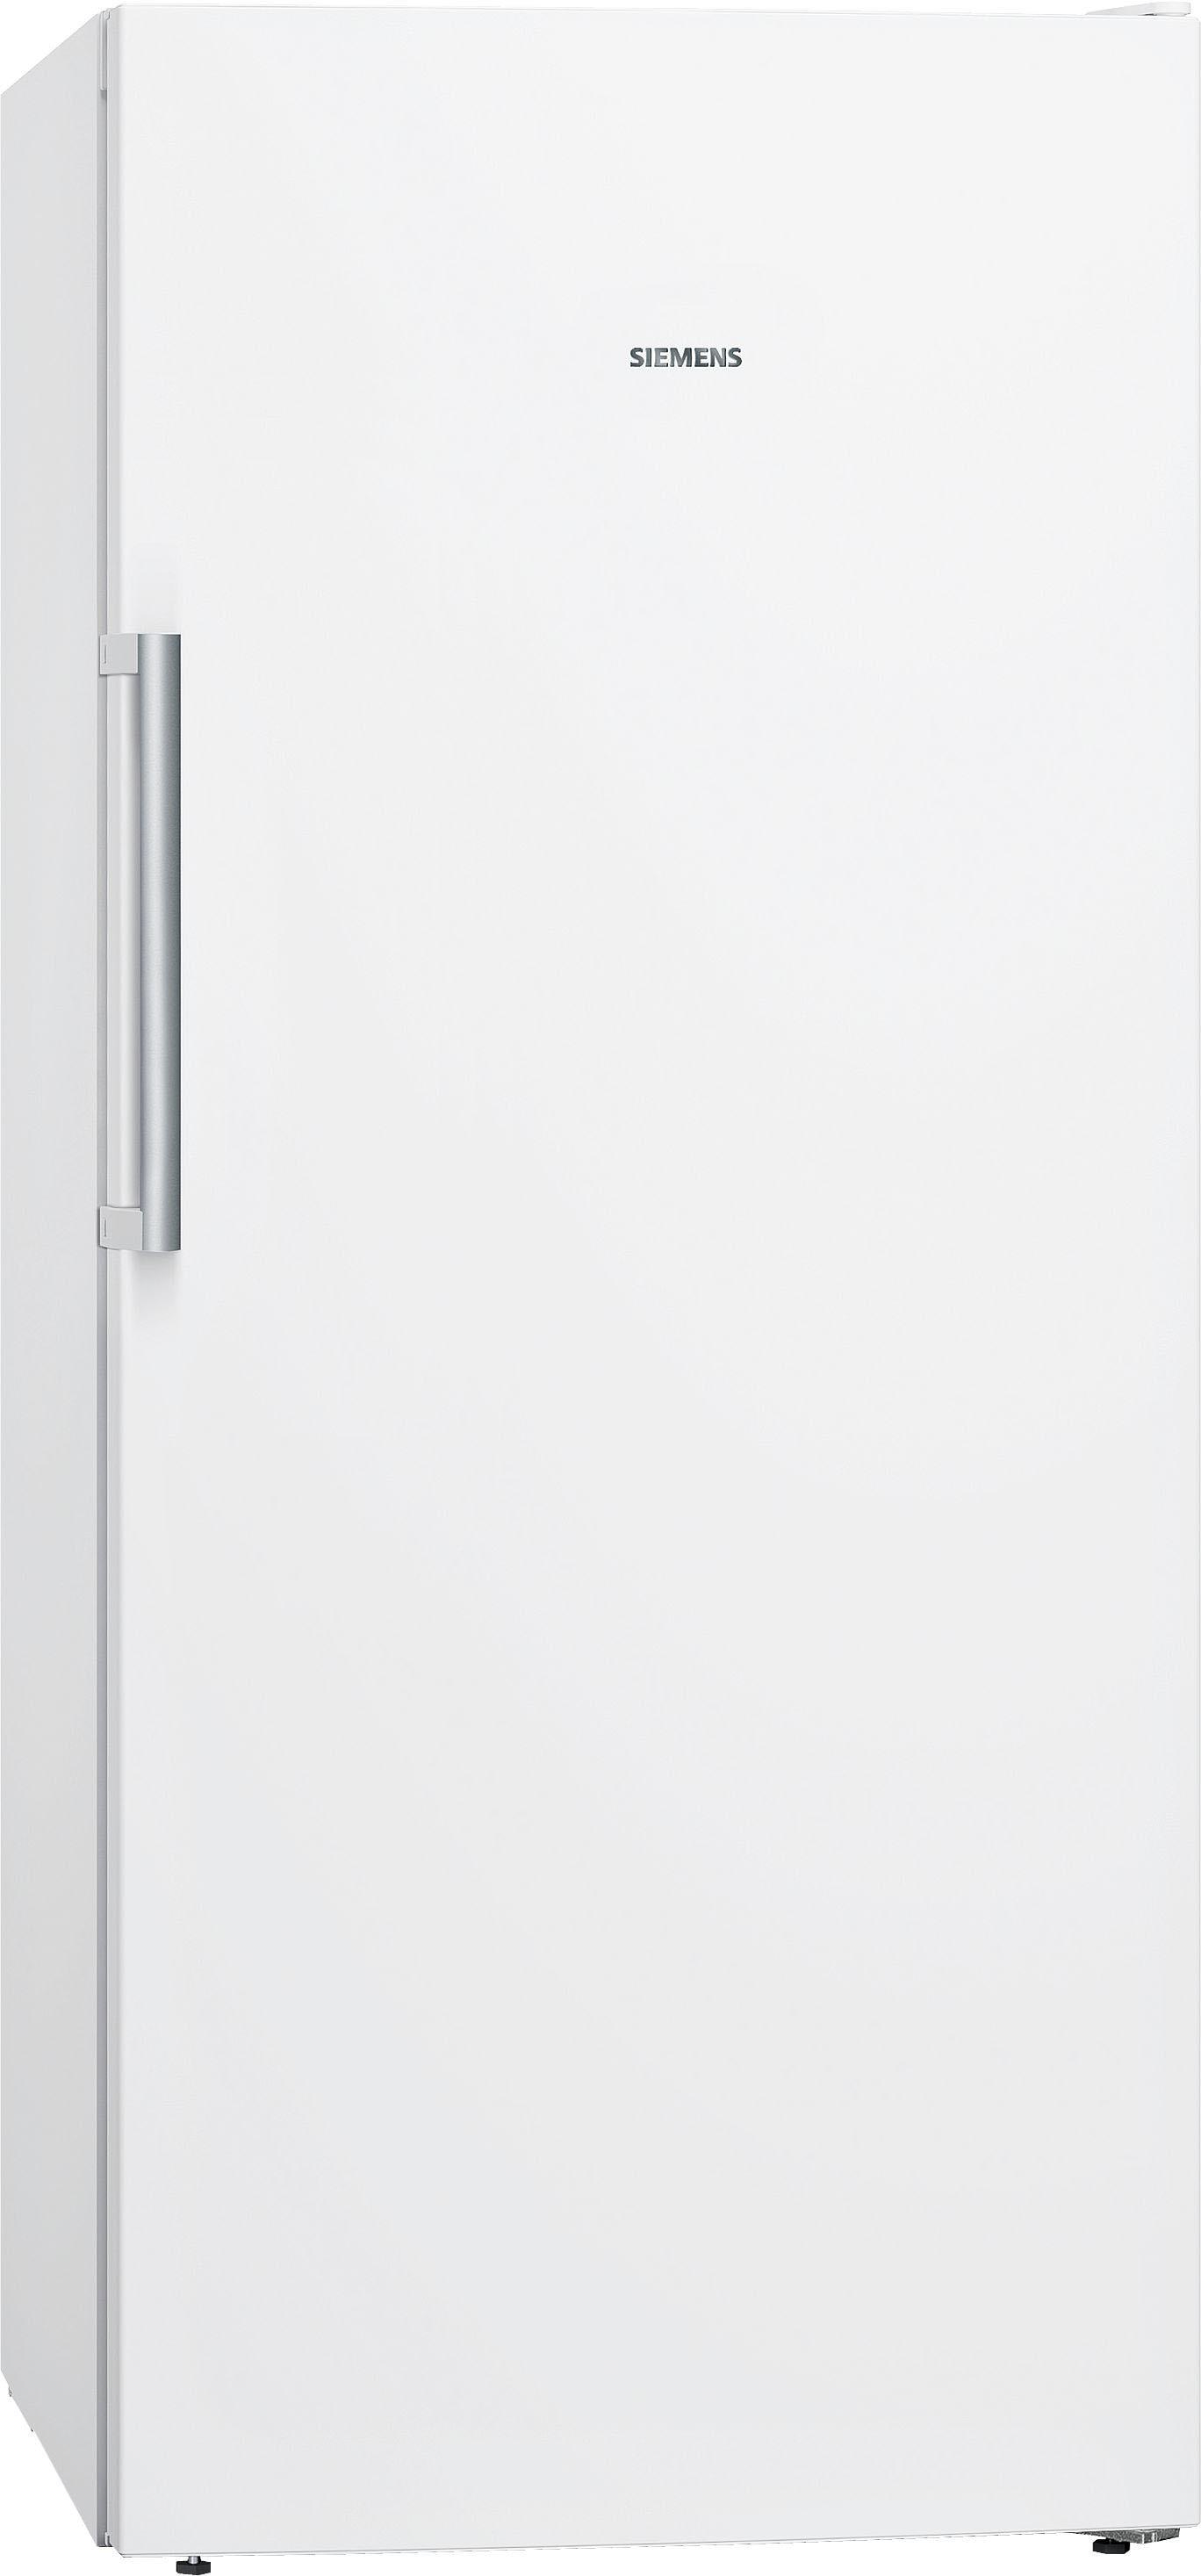 SIEMENS Gefrierschrank GS51NAWC, 161 cm hoch, 70 cm breit